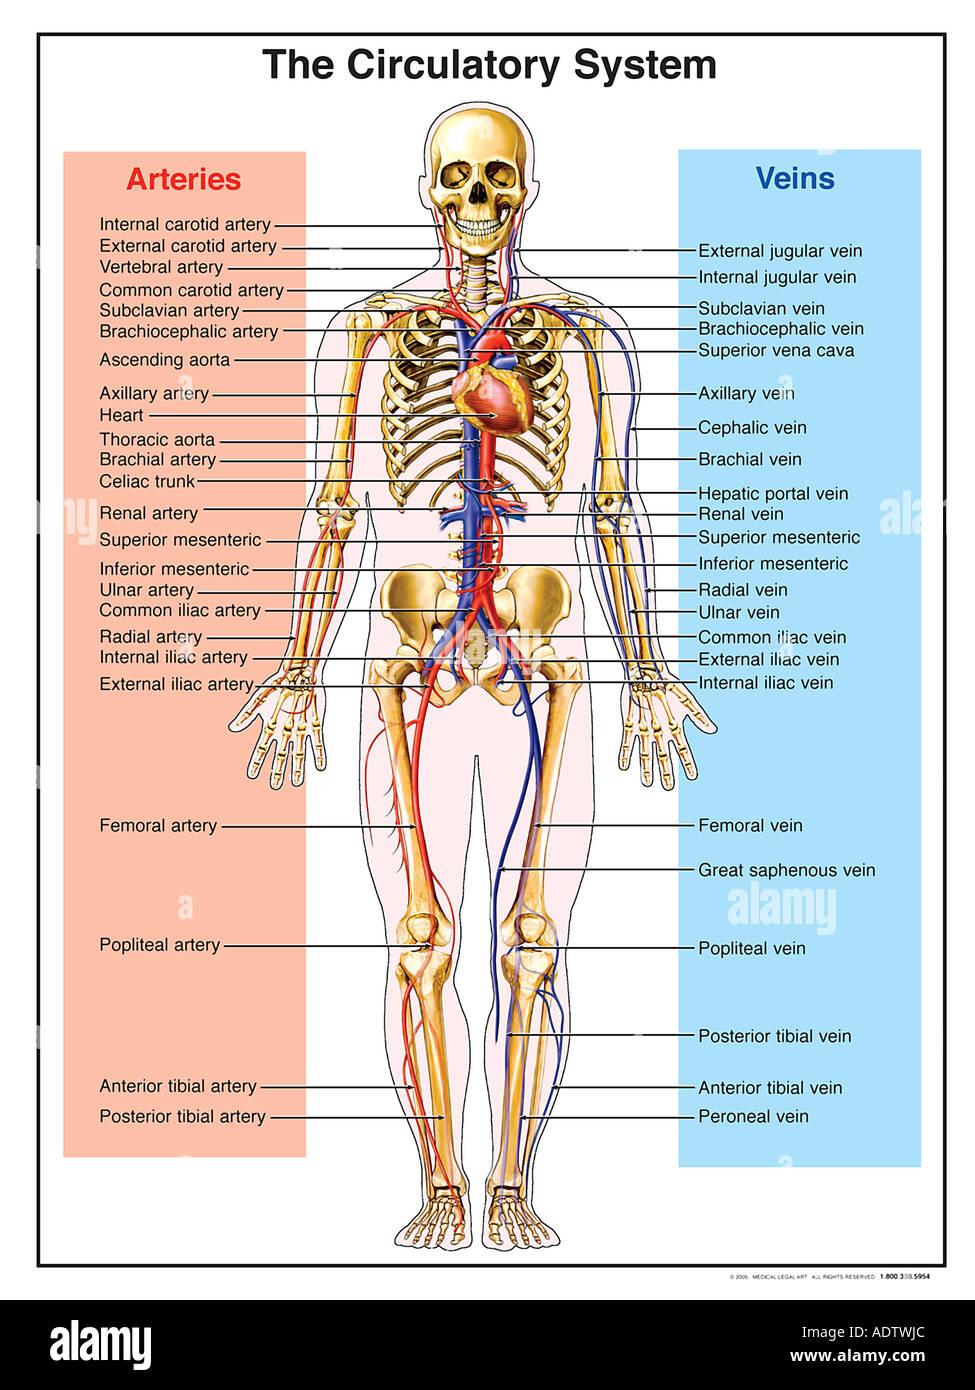 Fantastisch Anatomie Des Kreislaufsystems Fotos - Menschliche ...